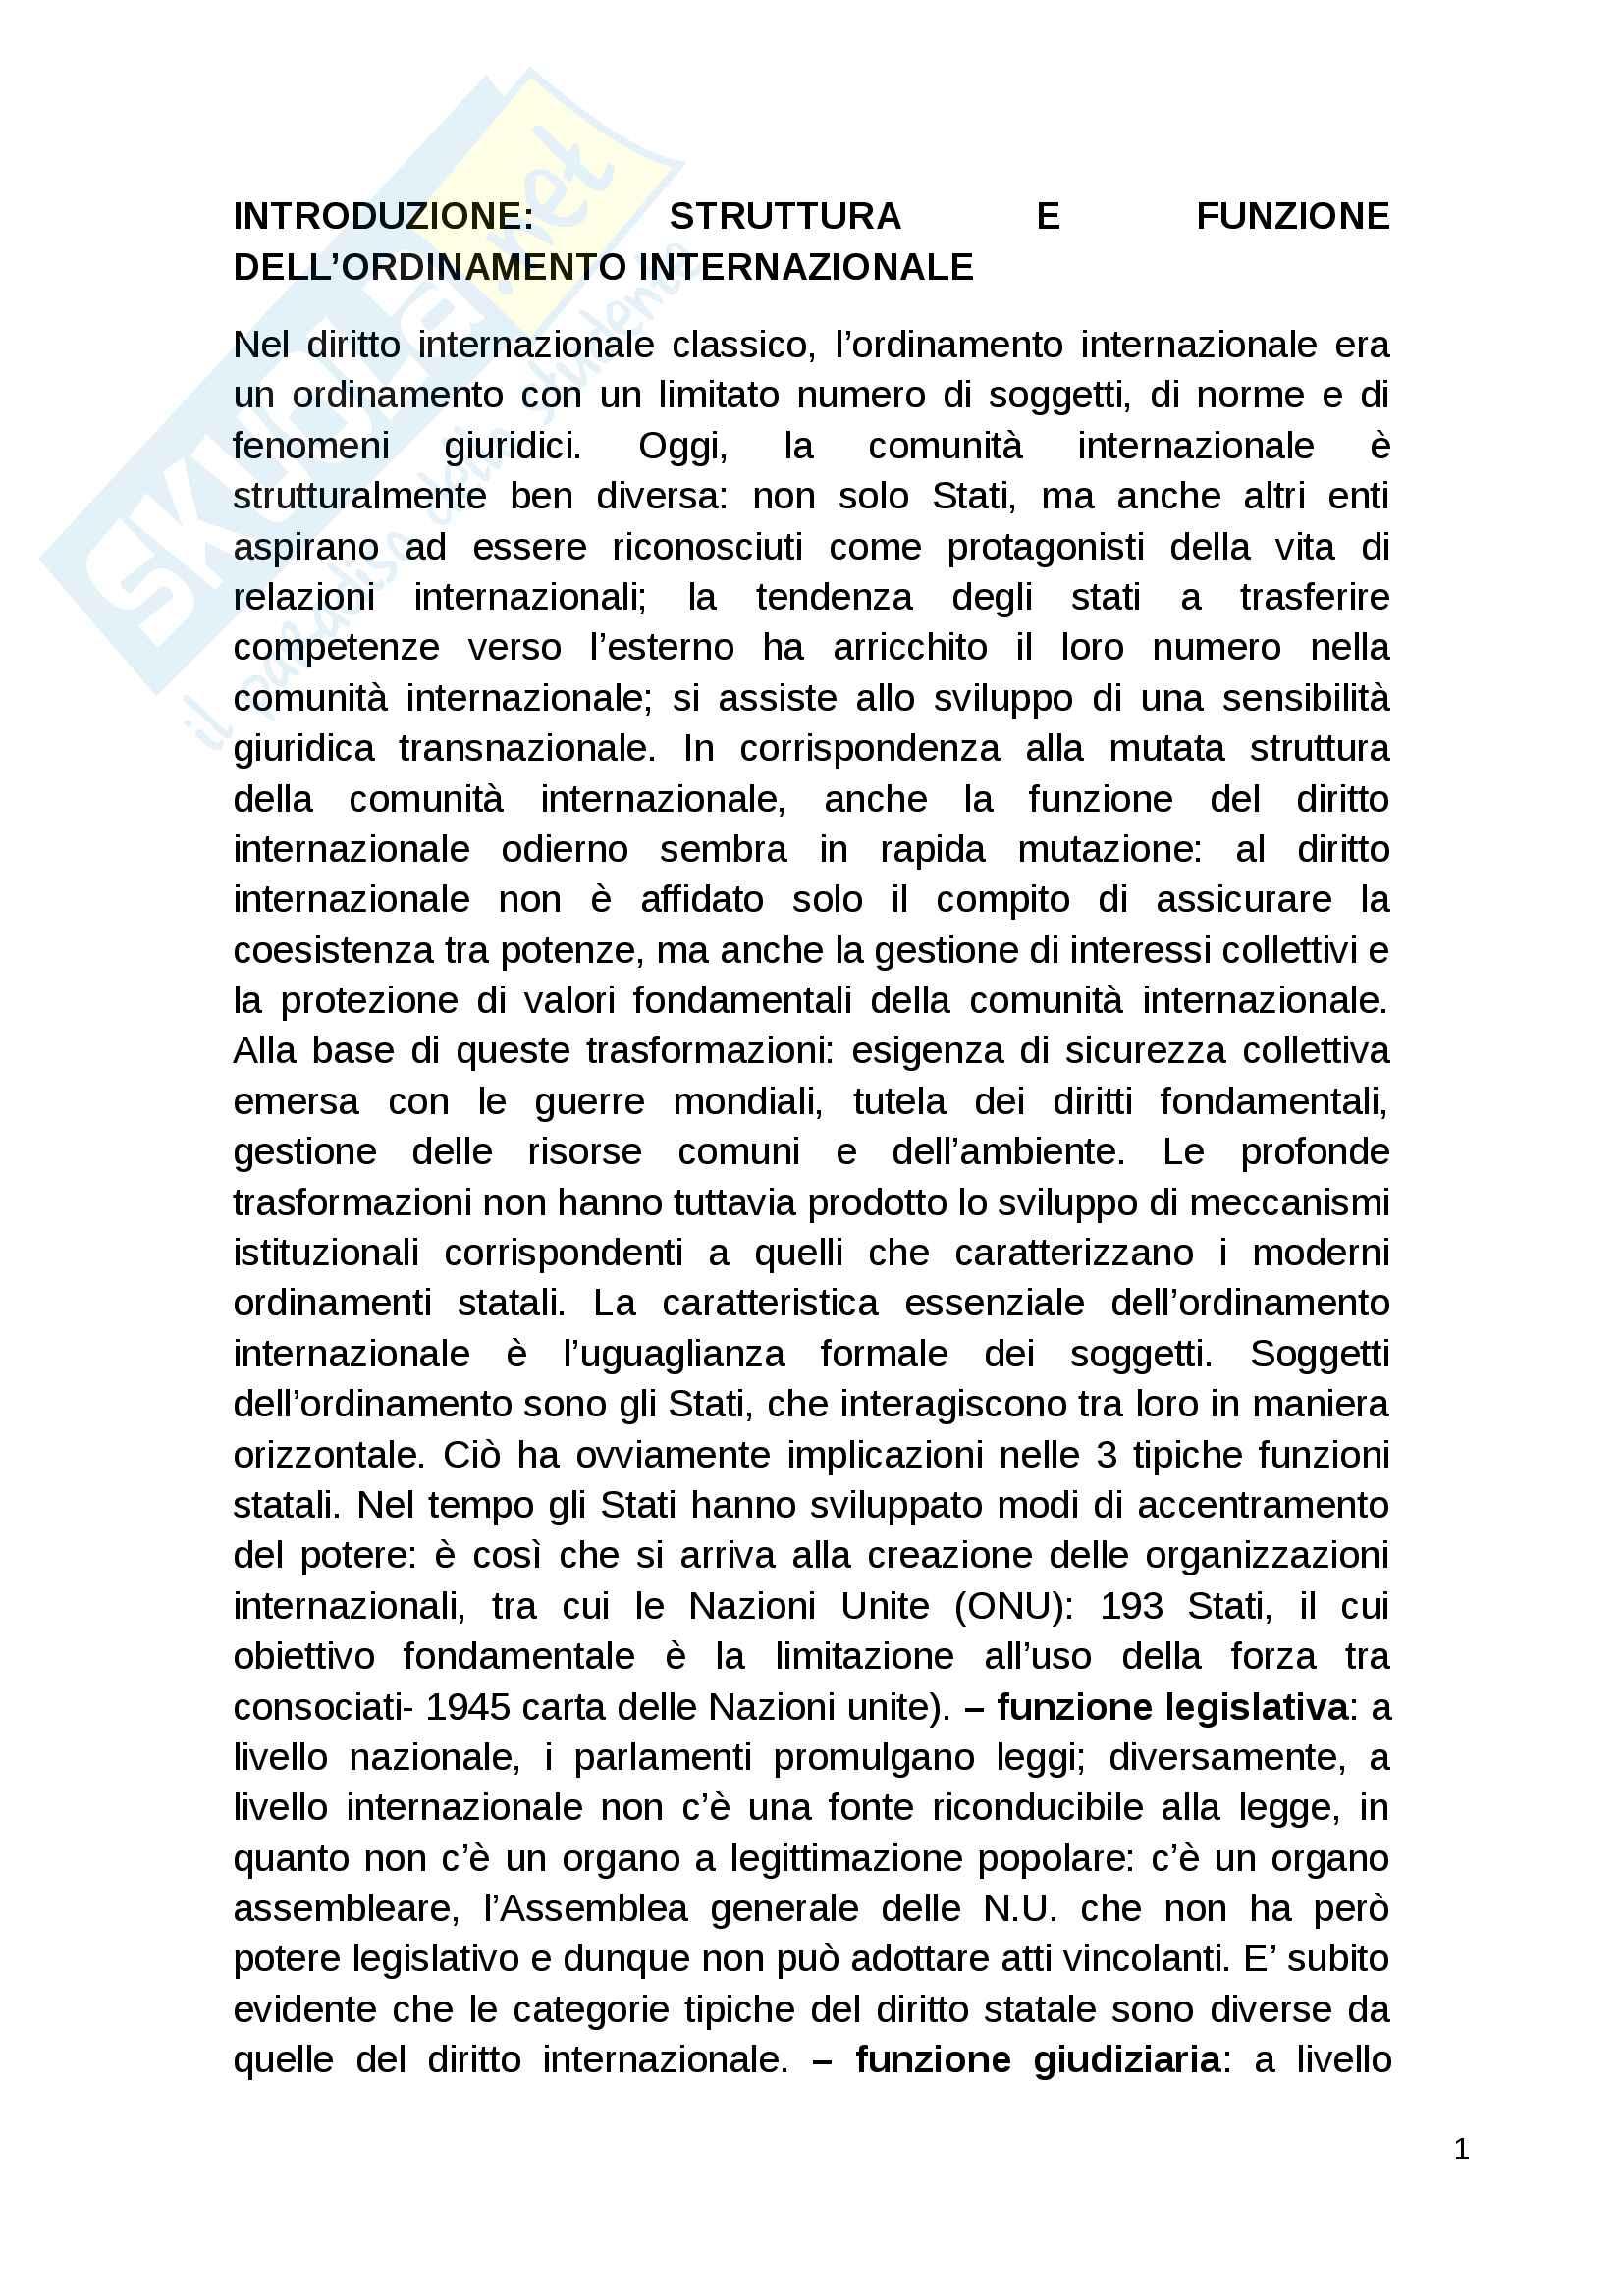 Riassunto esame diritto internazionale, Bufalini, libro consigliato Diritto internazionale di Cannizzaro